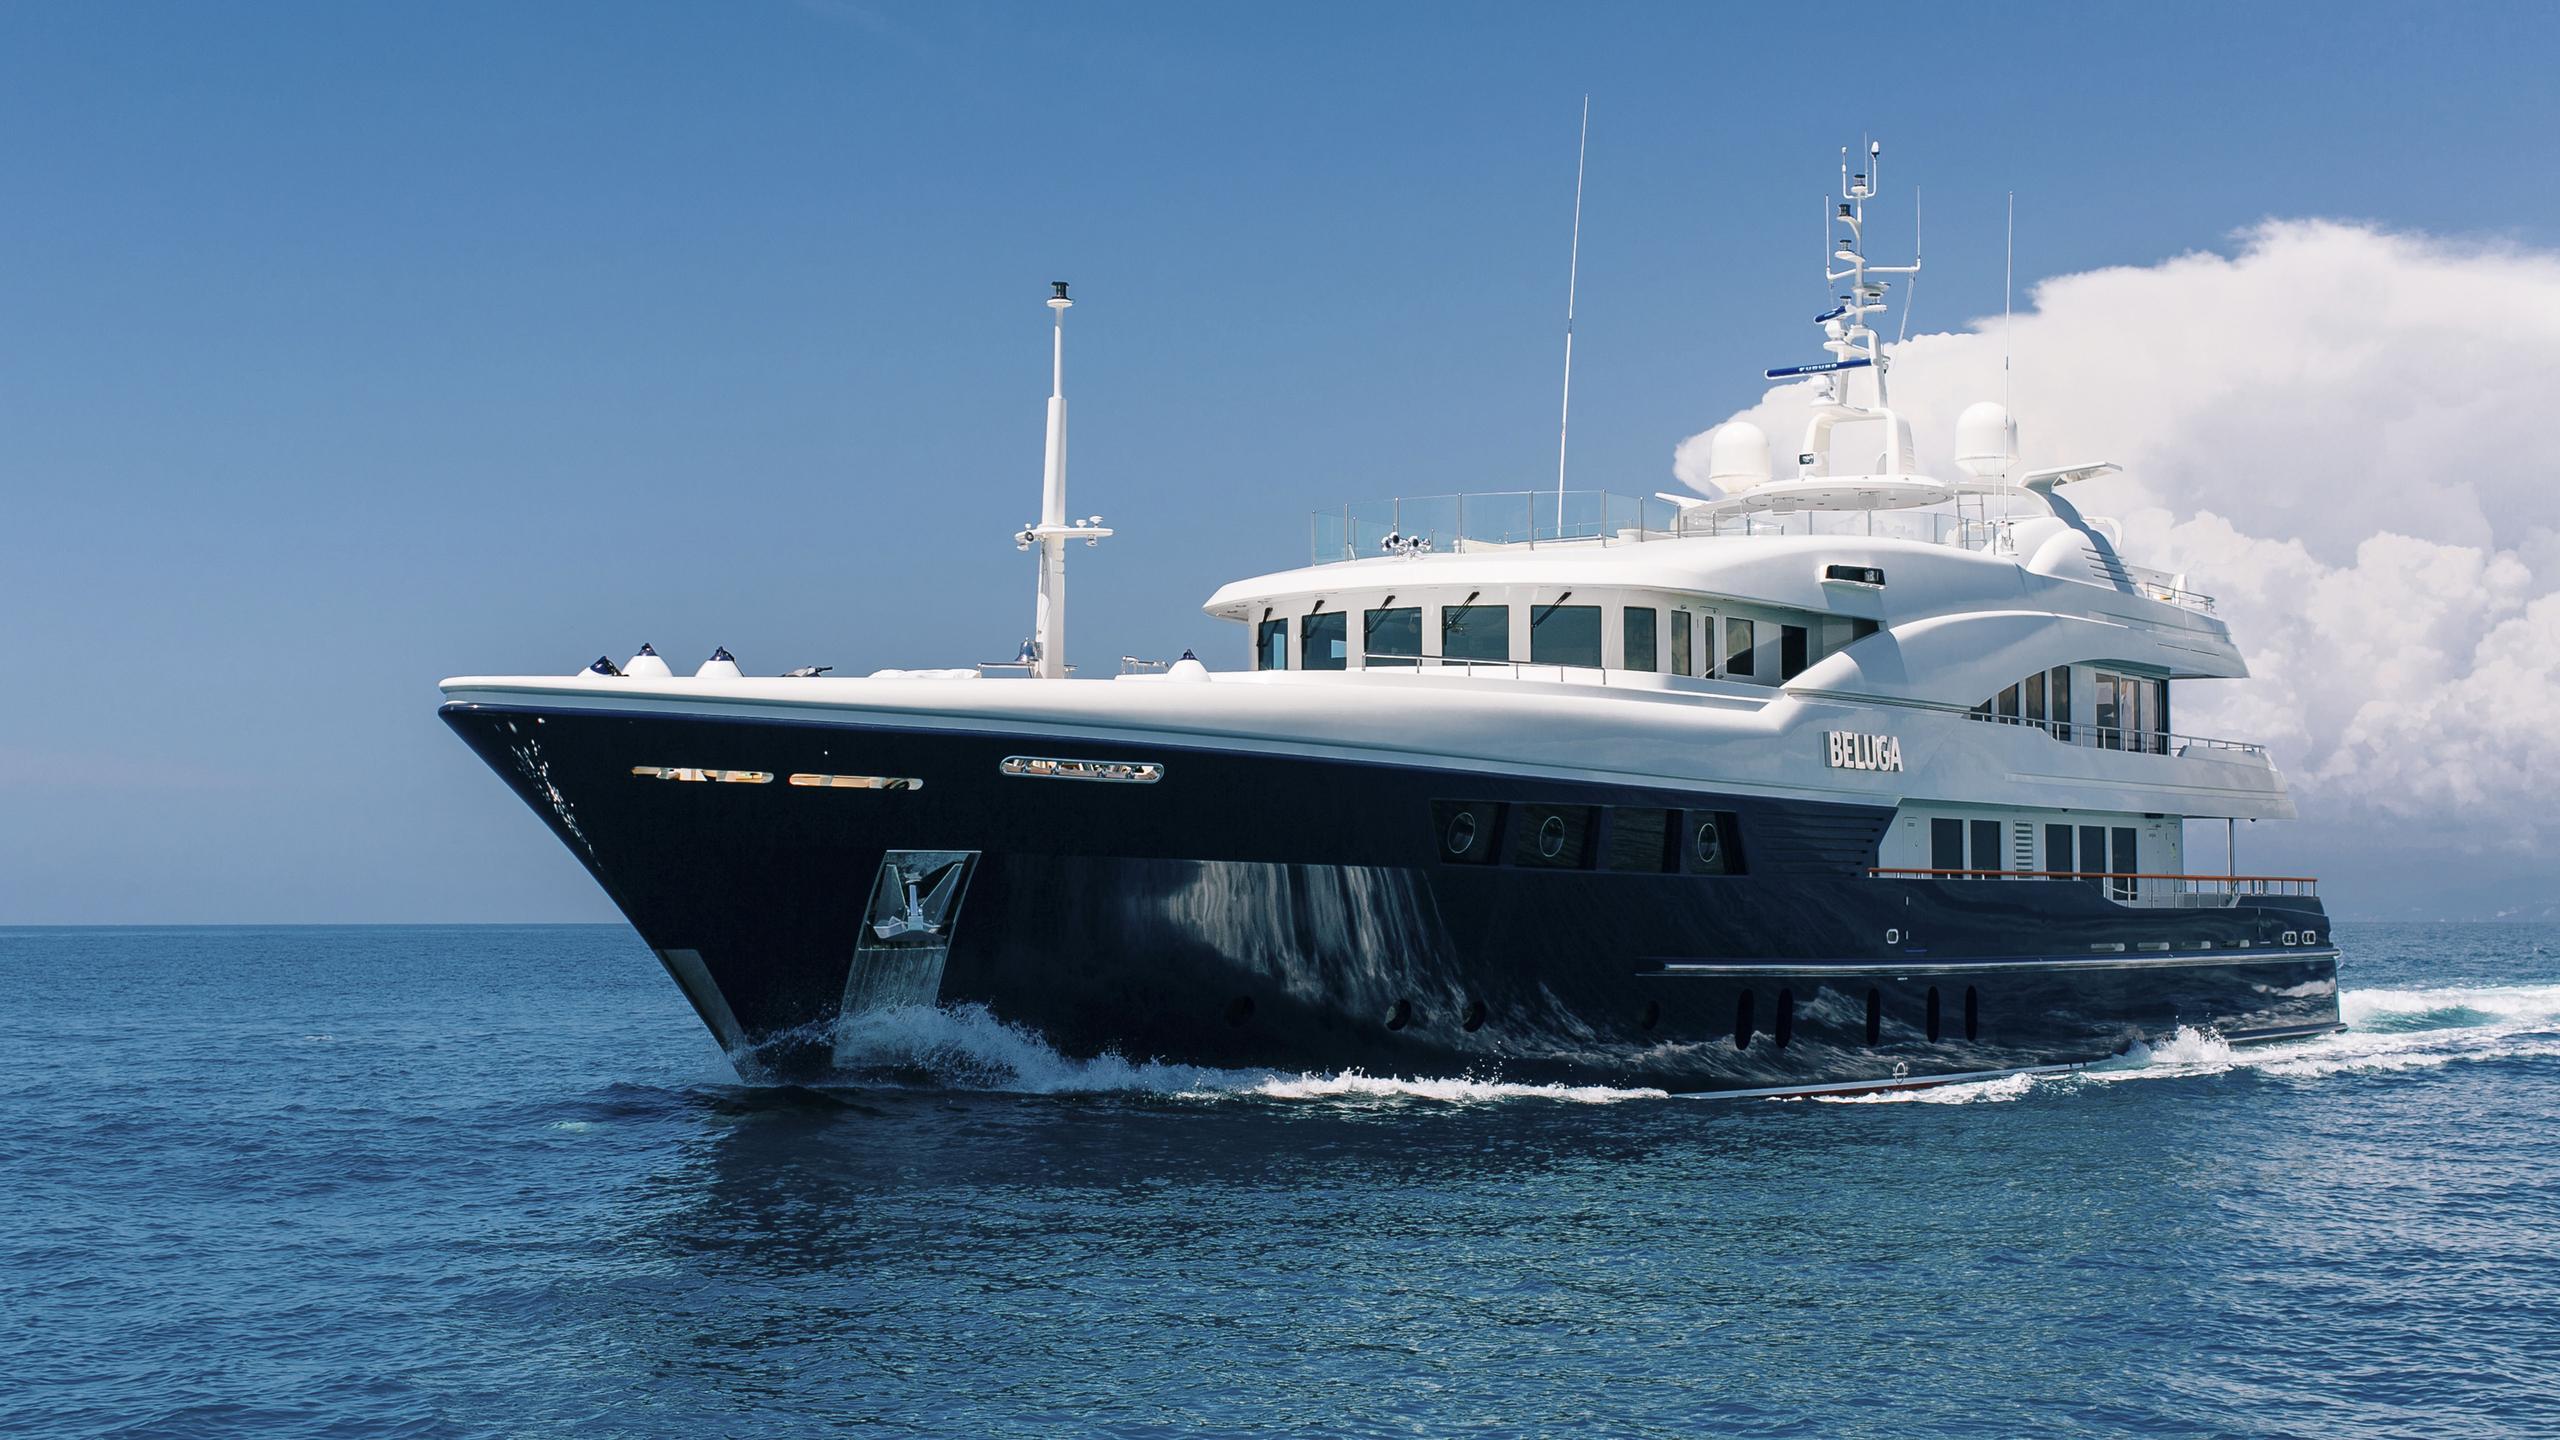 beluga-yacht-cruising